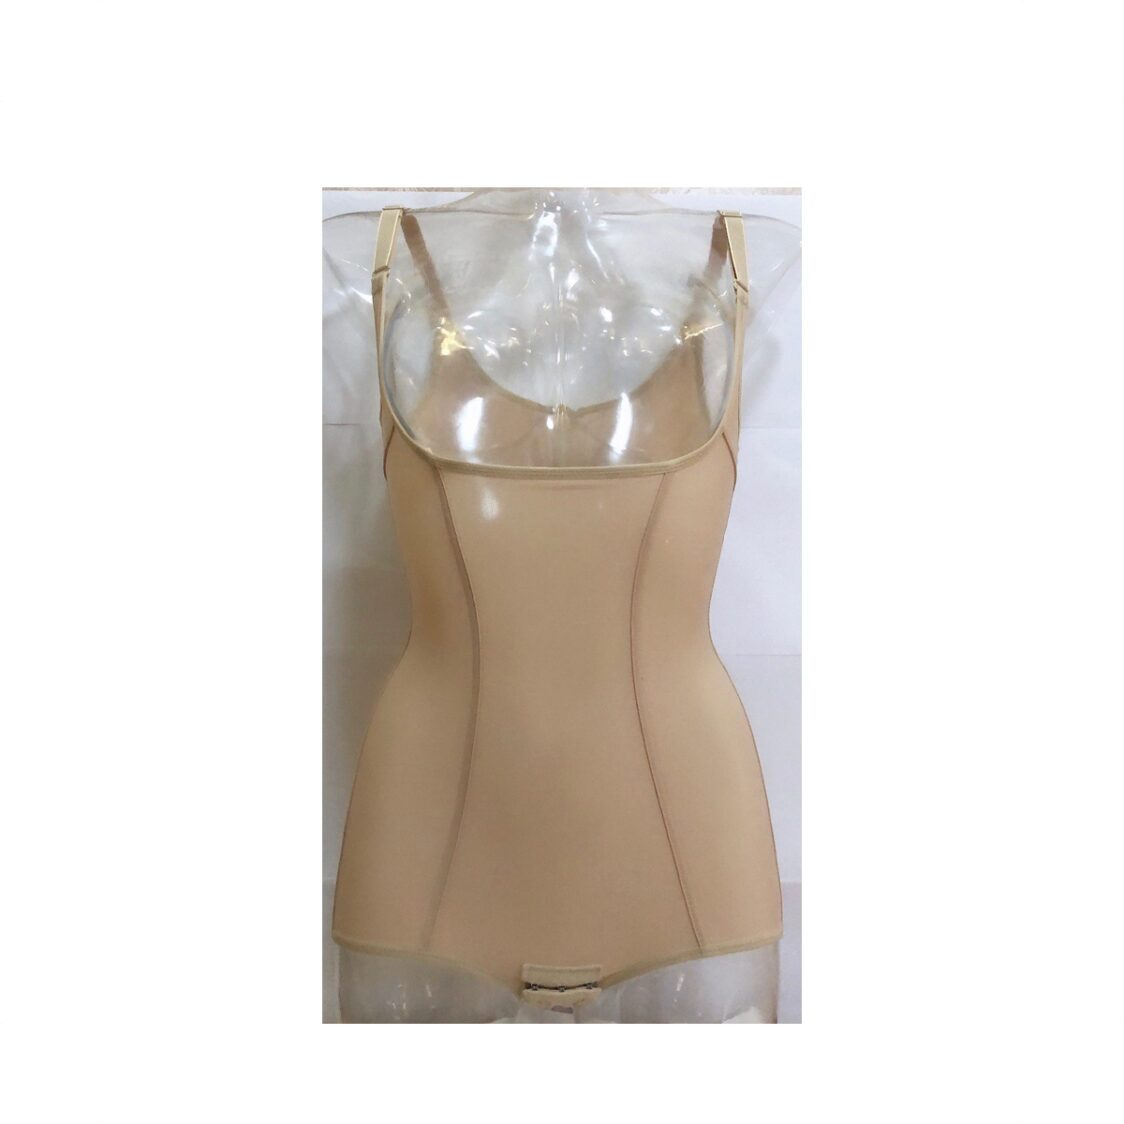 Sharefun Bodysuit Nude